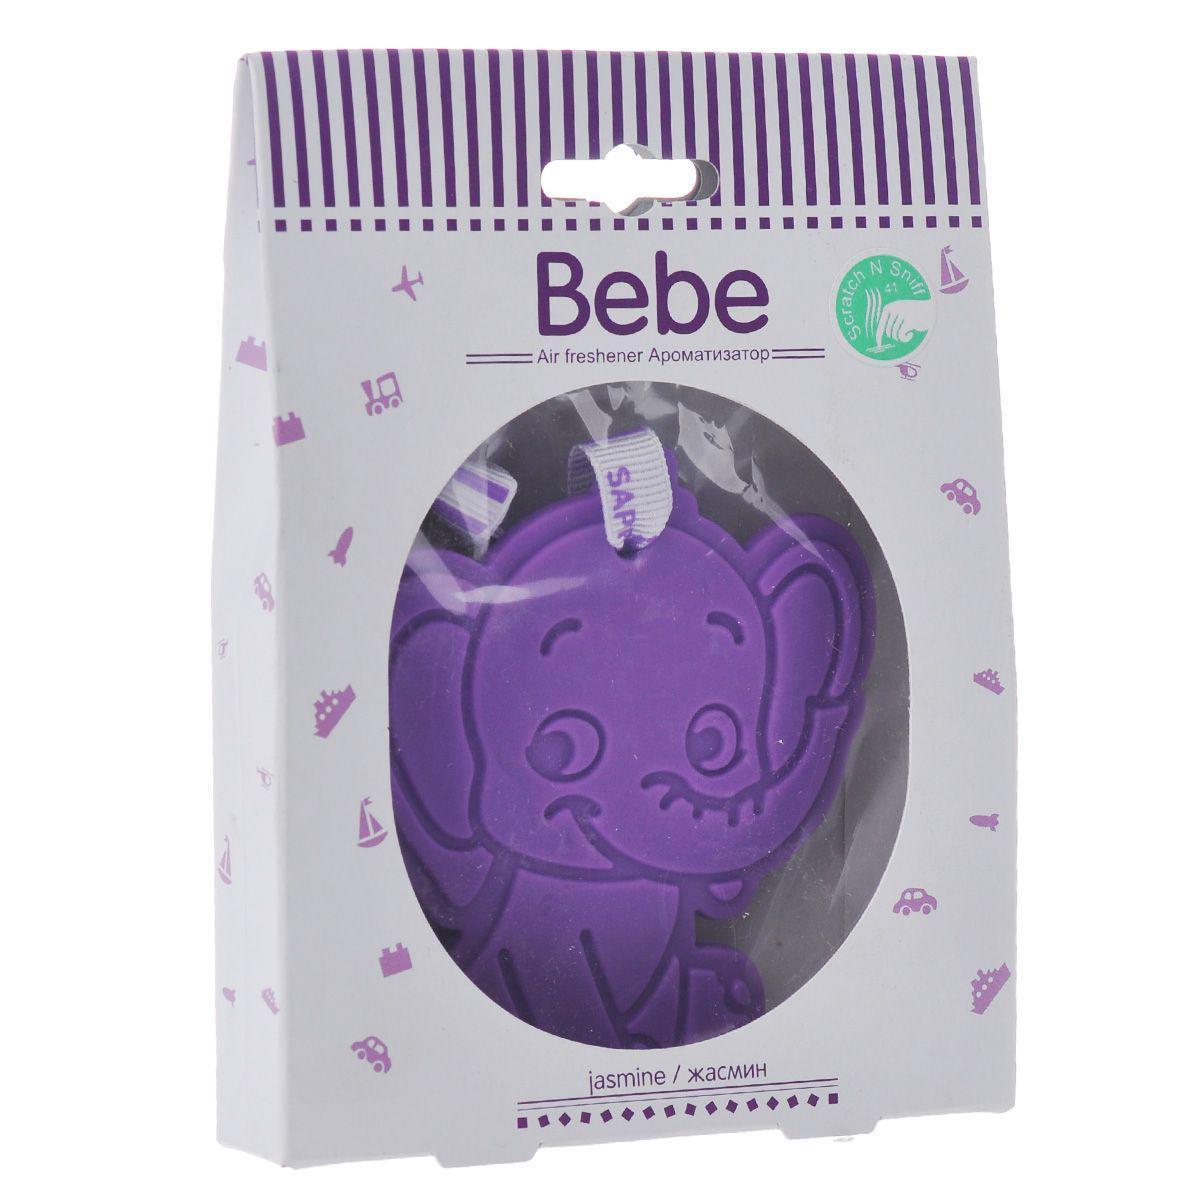 Ароматизатор Sapfire Bebe, жасминSAA-07942Подвесной ароматизатор для салона автомобиля Sapfire Bebe имеет приятный аромат. Ароматизатор представляет собой забавную игрушку, пропитанную парфюмерной композицией. Состав: пластик, парфюмерная композиция. Размер ароматизатора: 8 см х 8,5 см х 0,3 см.